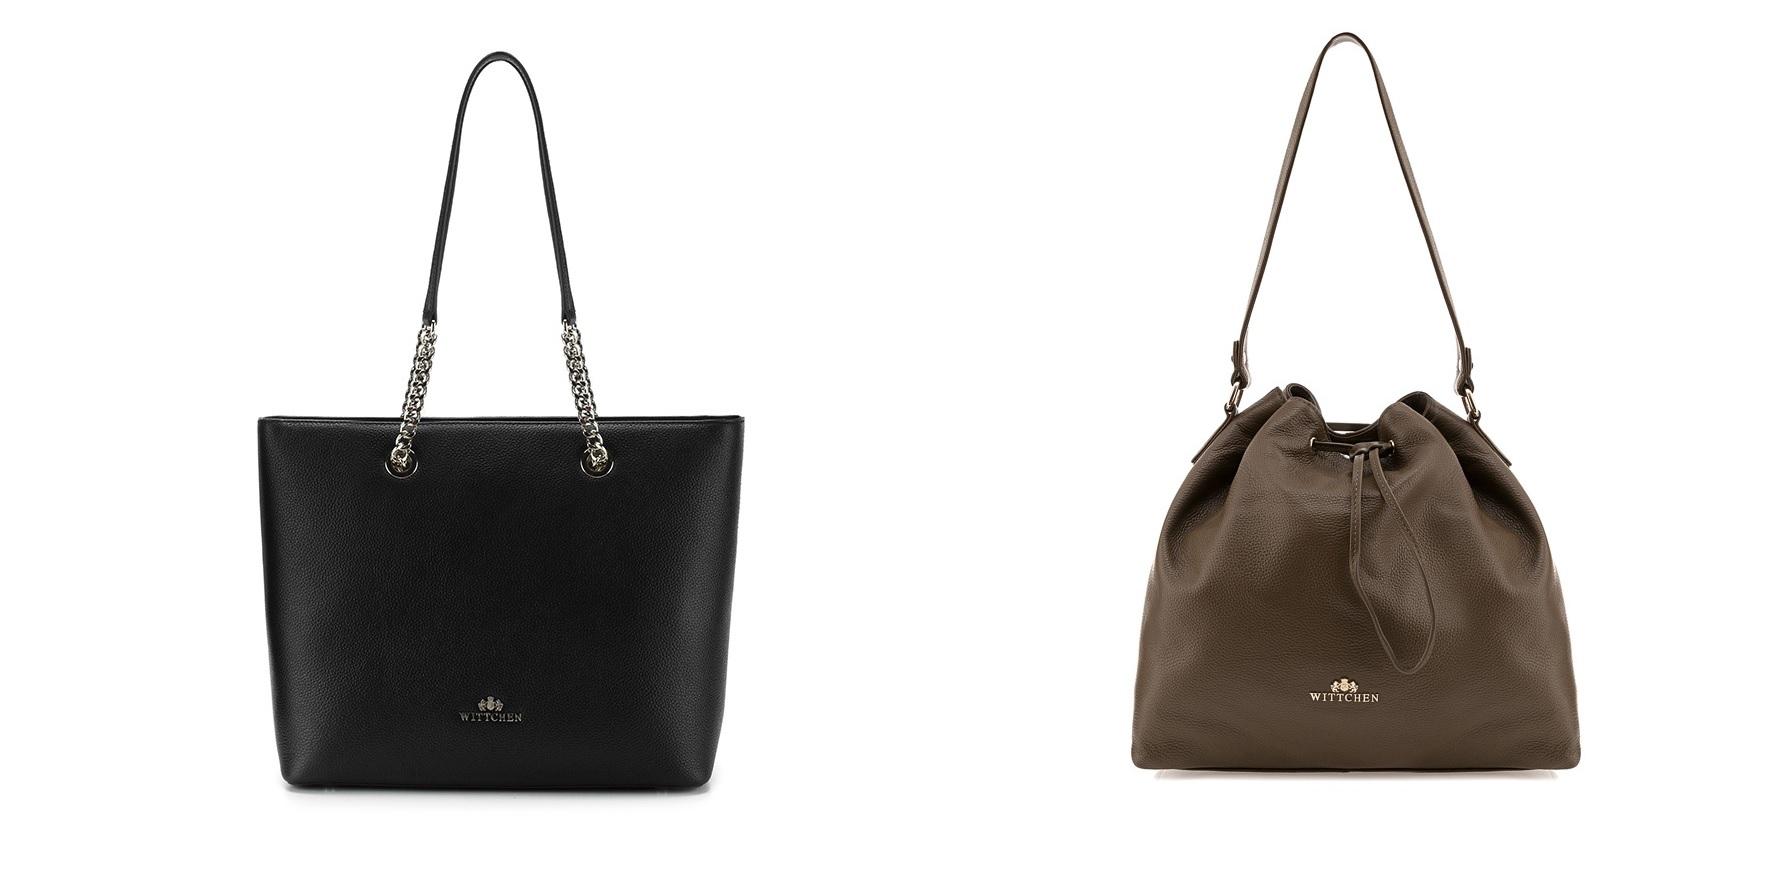 cd247ccdfee8a Skórzane torebki to przede wszystkim ponadczasowy wybór. Nigdy nie wychodzą  z mody, są bardzo szykowne i znakomicie sprawdzają się jako efektowny  dodatek do ...